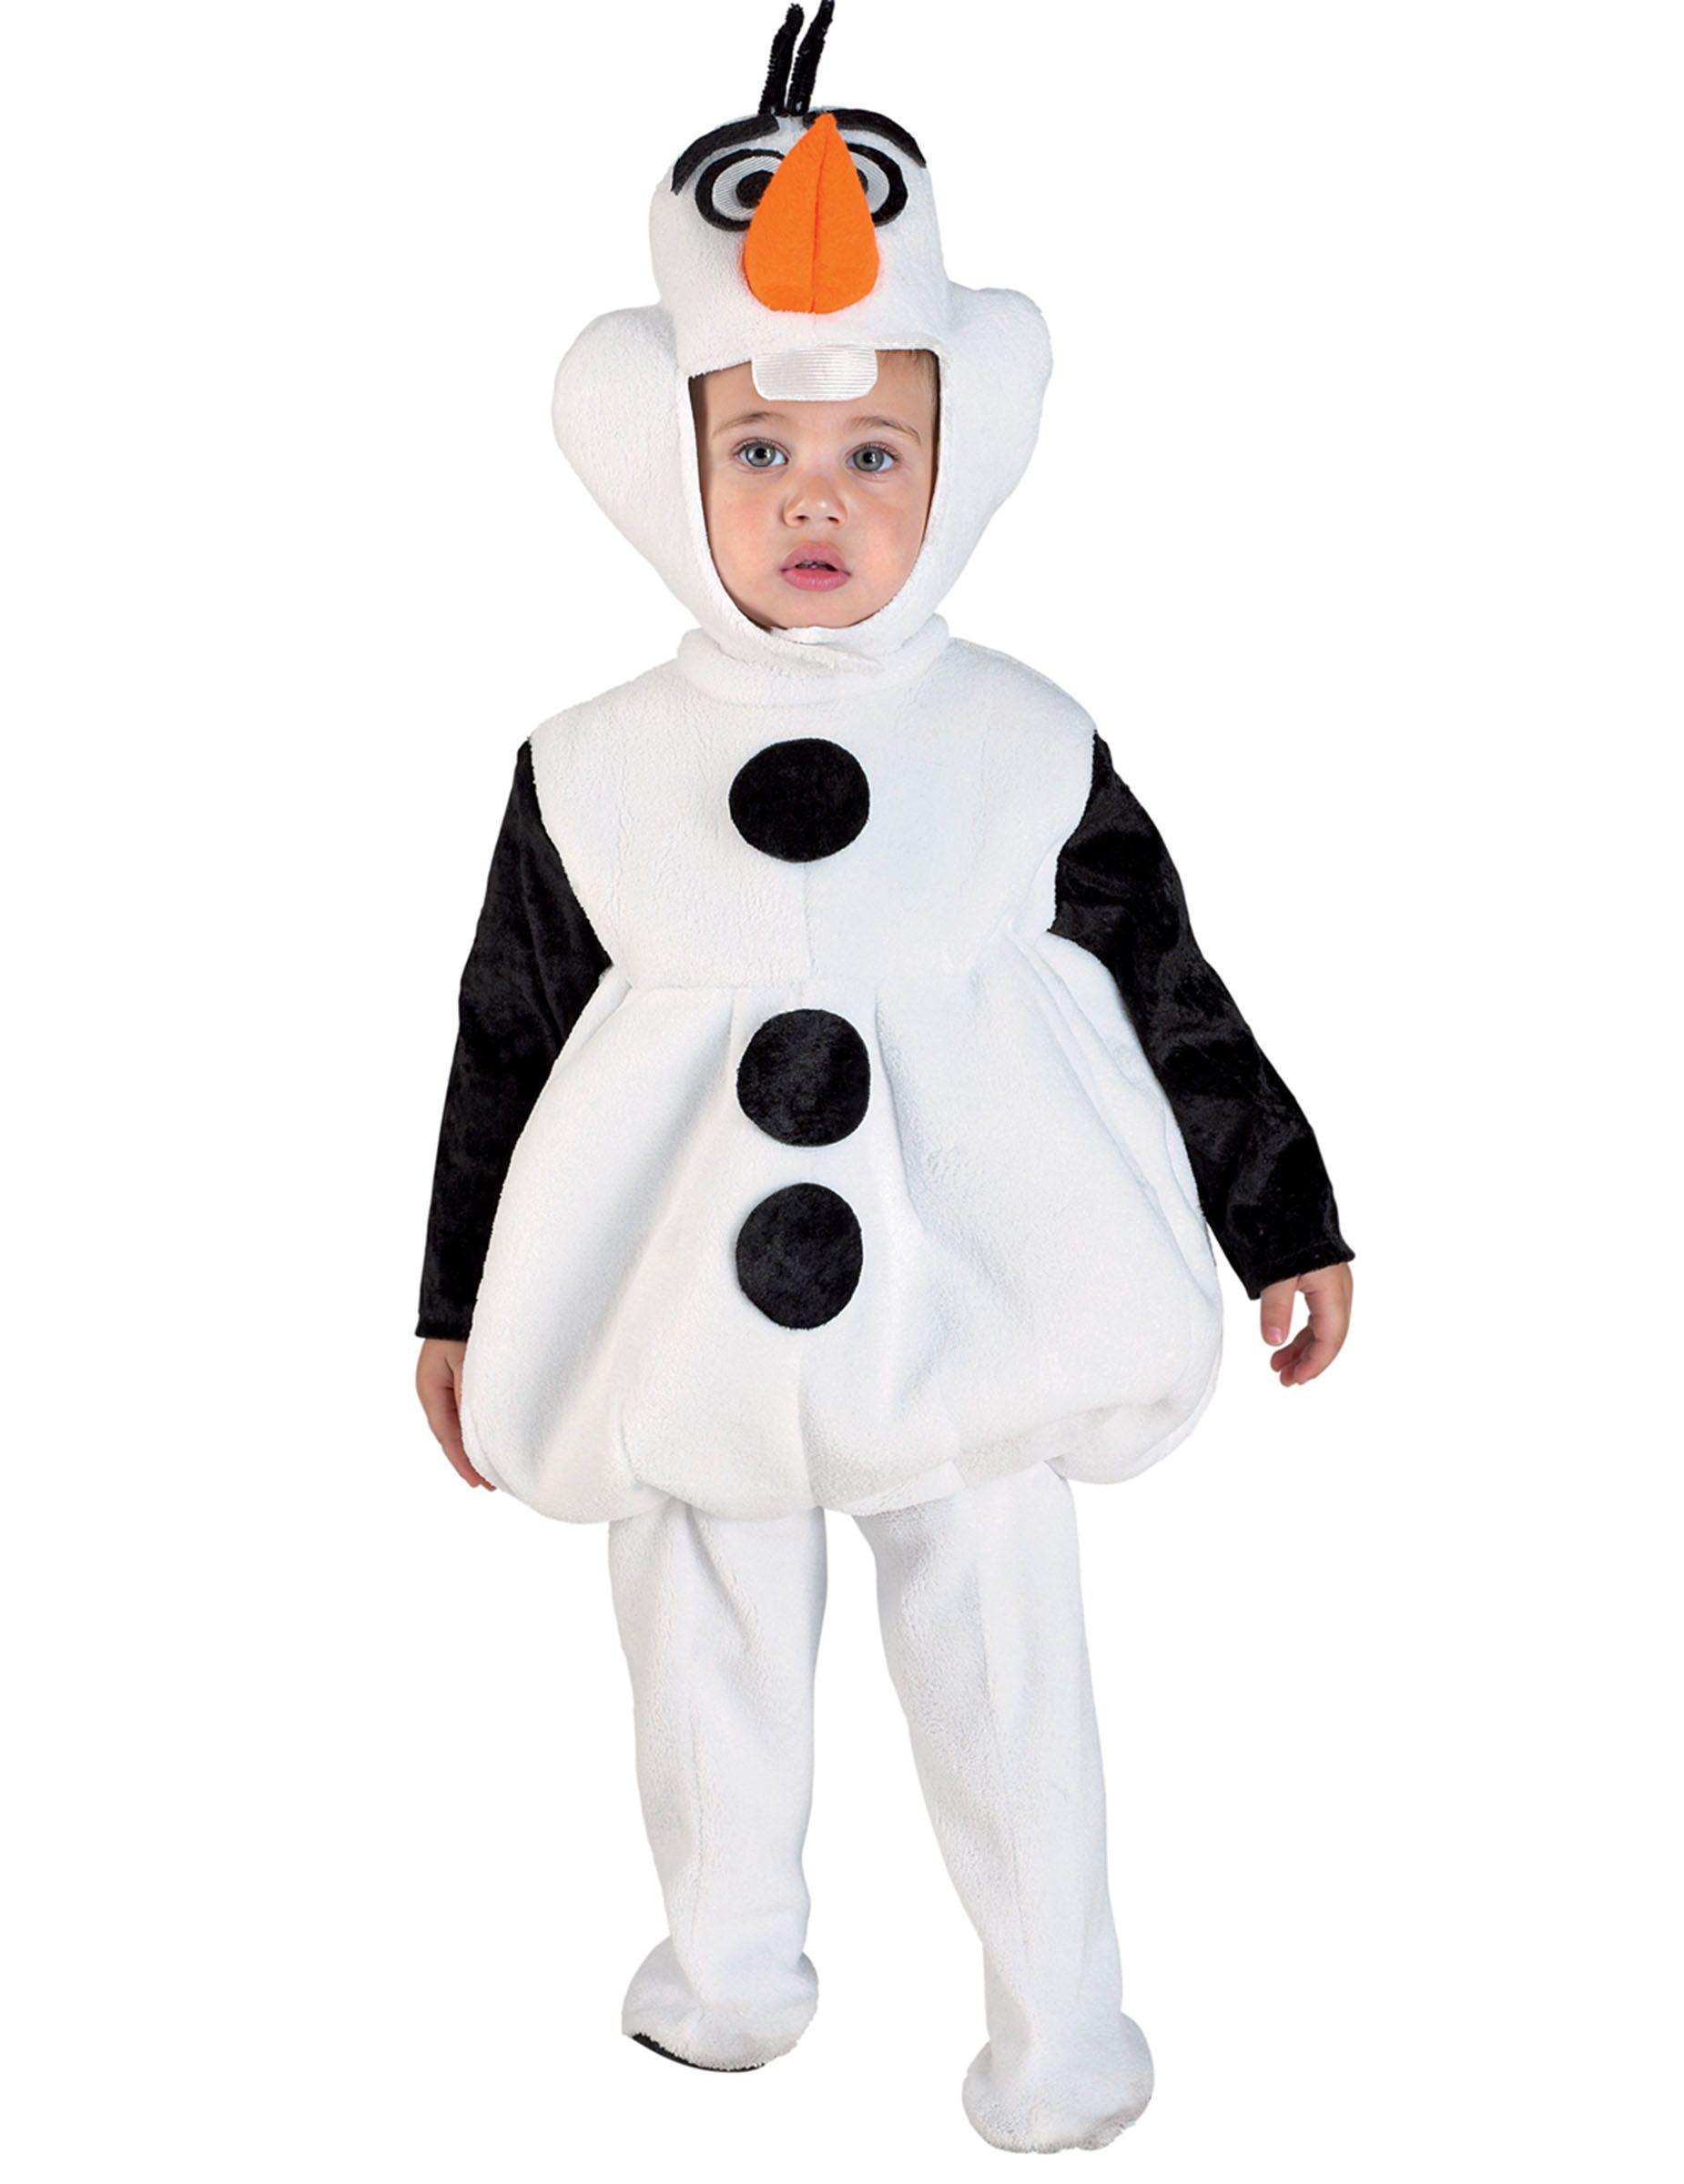 03462f0bf Disfarce boneco de neve criança